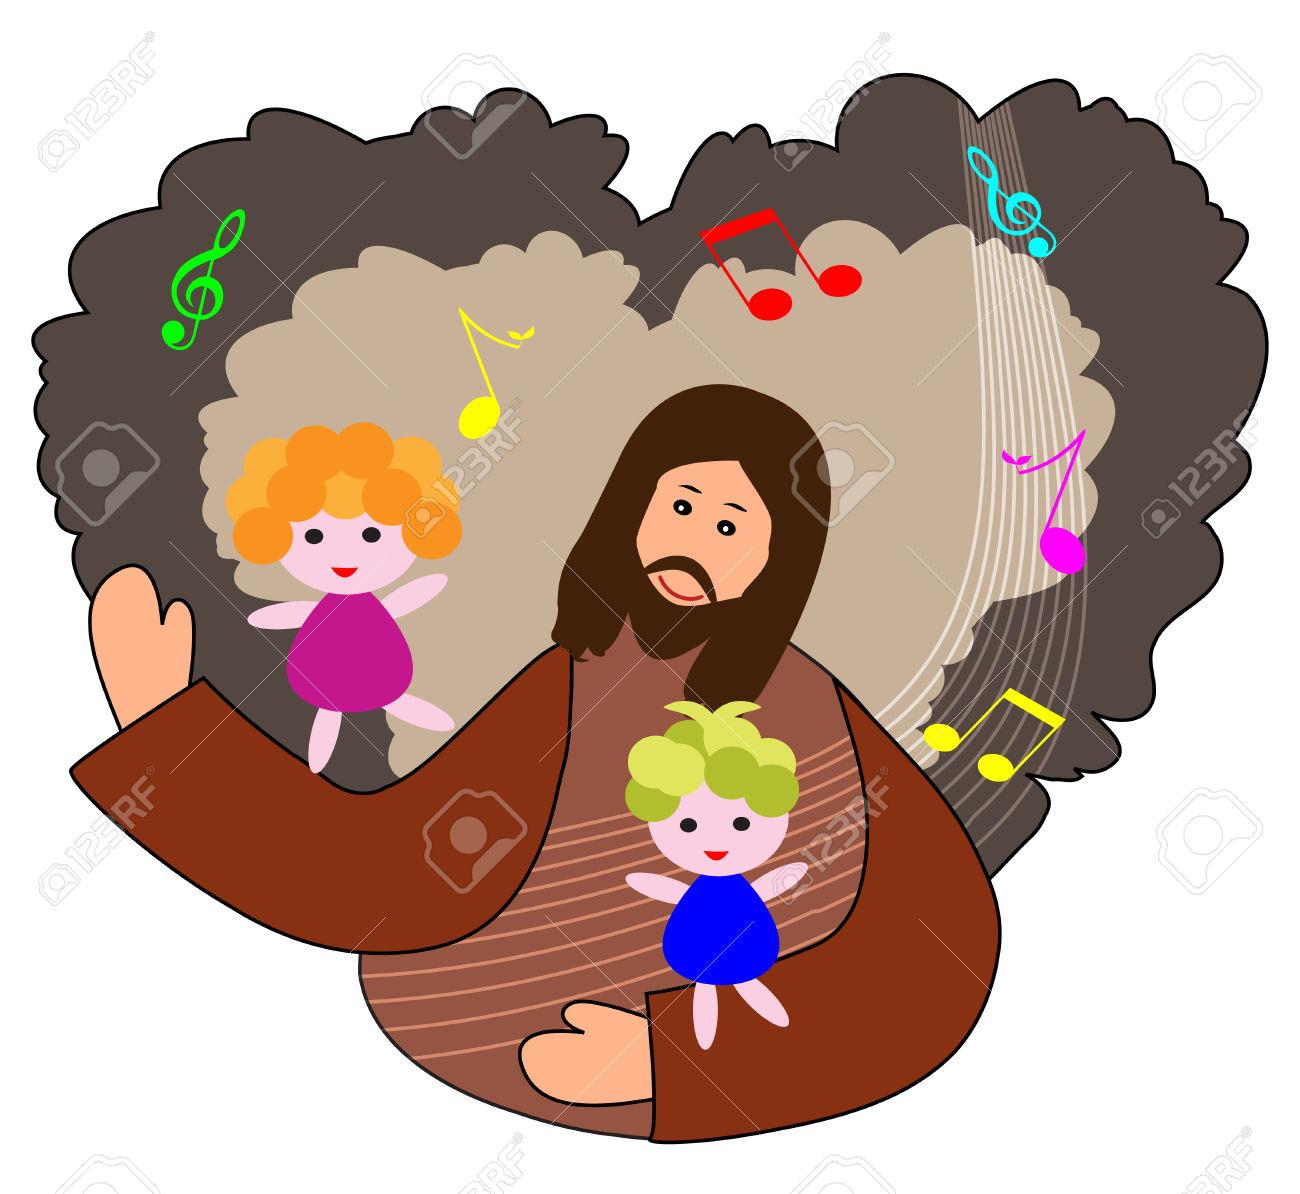 Bambini Lodare Il Signore Con Sfondo Cuore E Note Musicali Clipart.